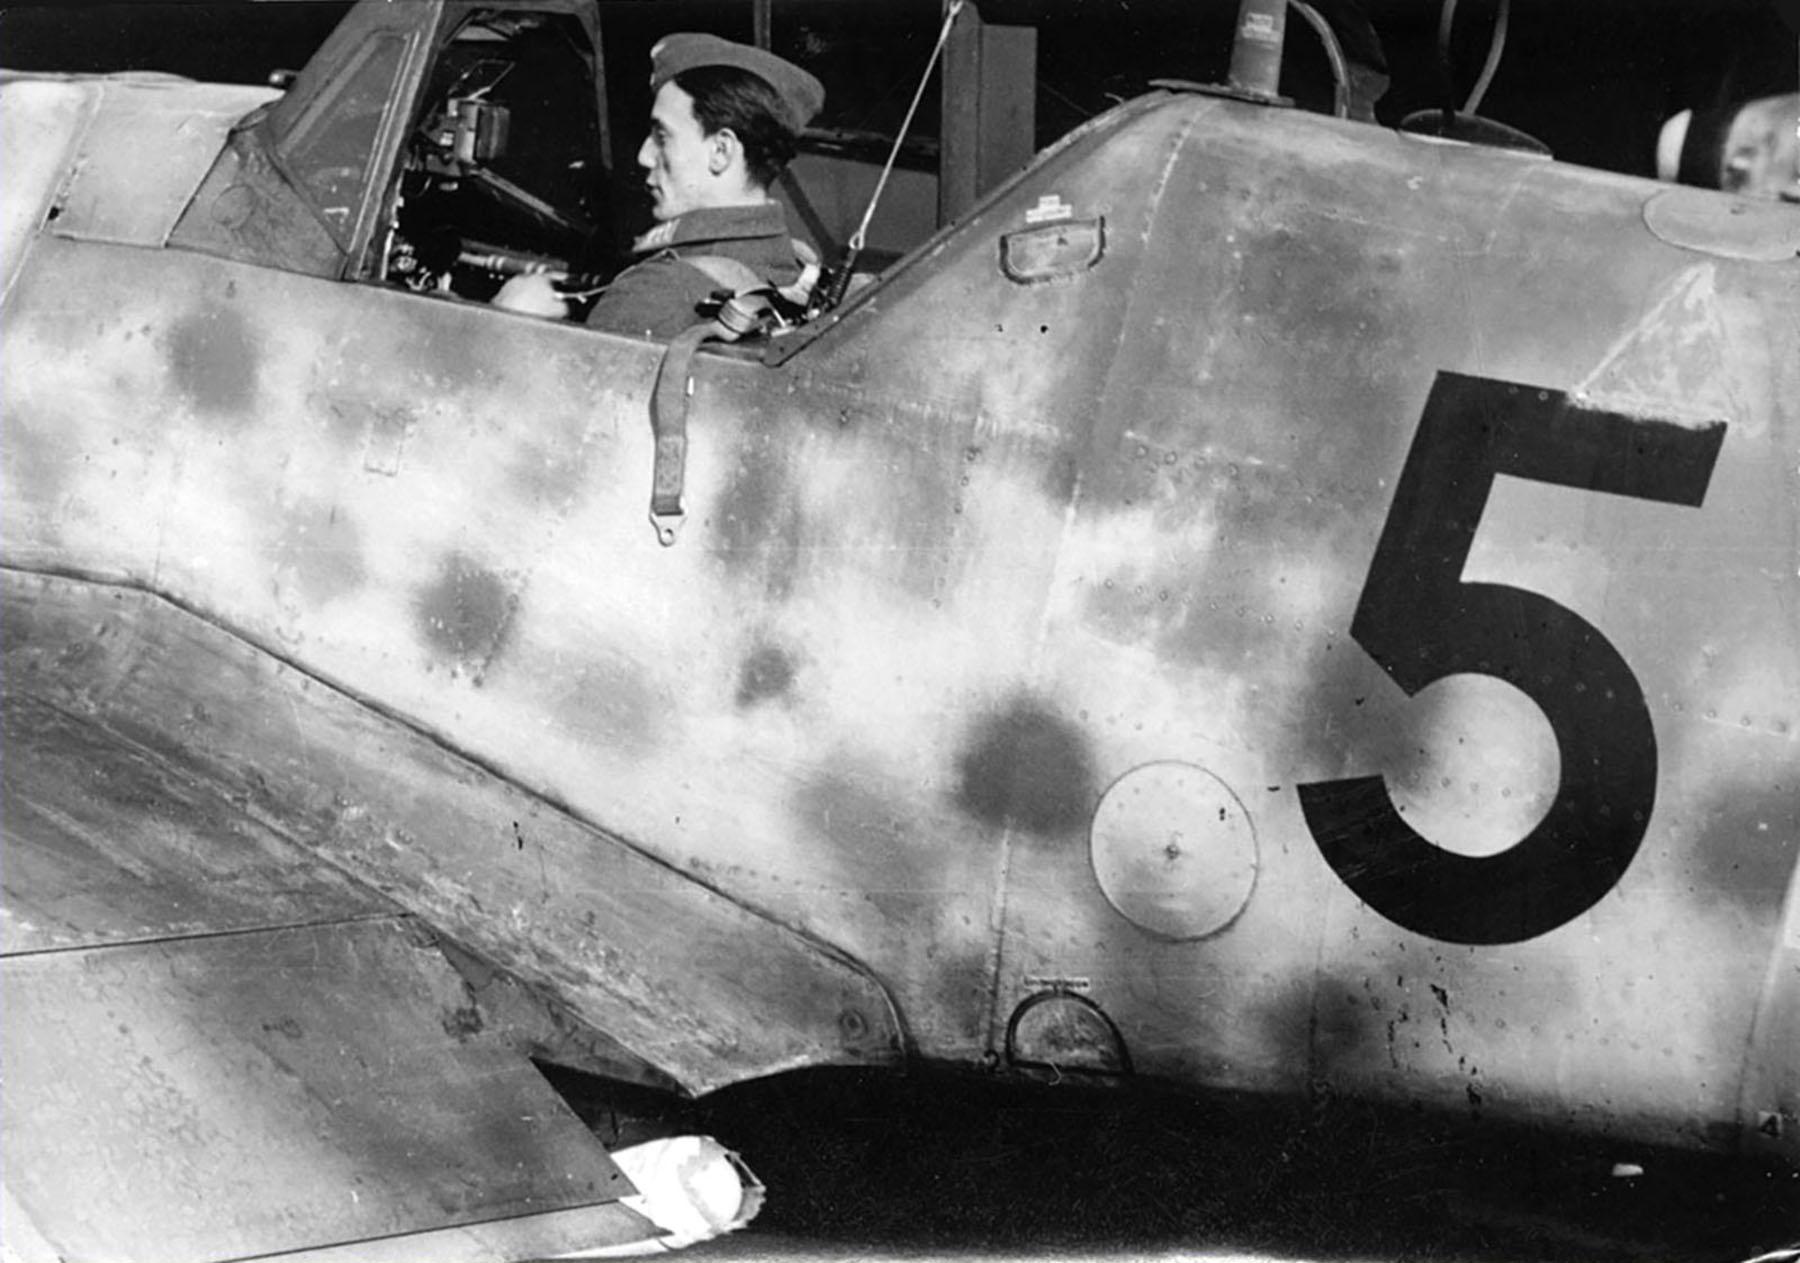 Messerschmitt Bf 109G6R3 Erla Reichsverteidigung Black 5 unknown unit and pilot 01